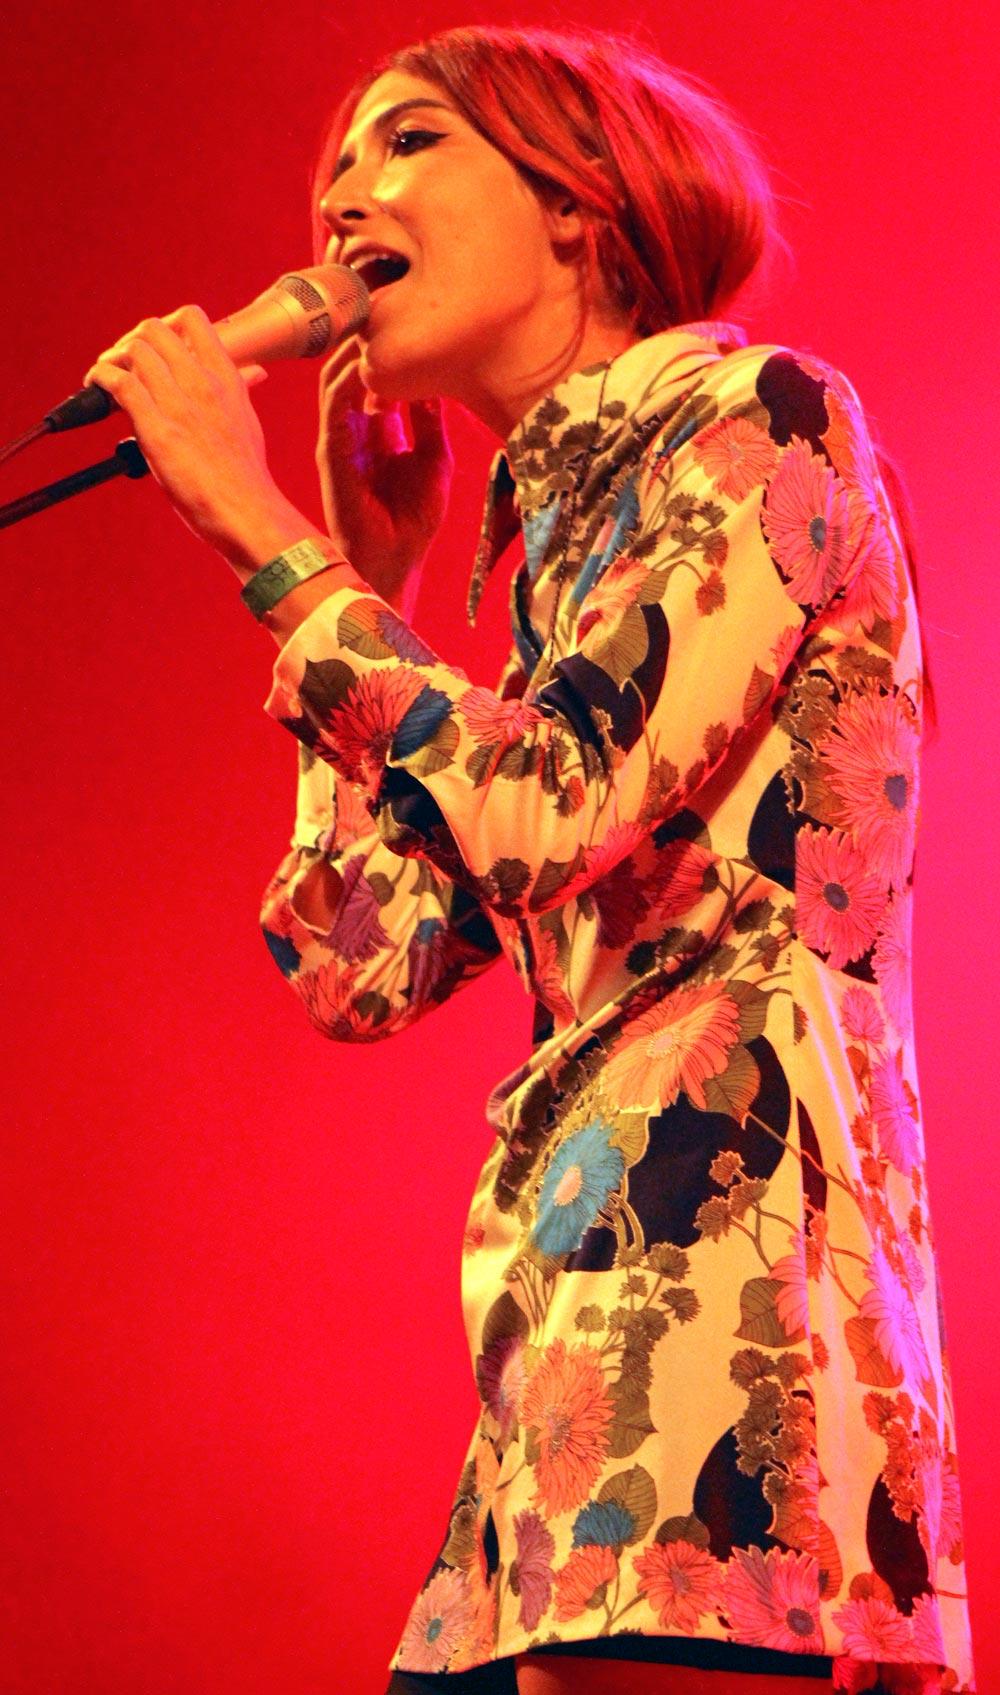 ebro lesbian singles Love of lesbian empiezan a tocar en otoño de 1997 el resultado fue un  conglomerado de ideas procedentes tanto del antiguo trío como de santi balmes.